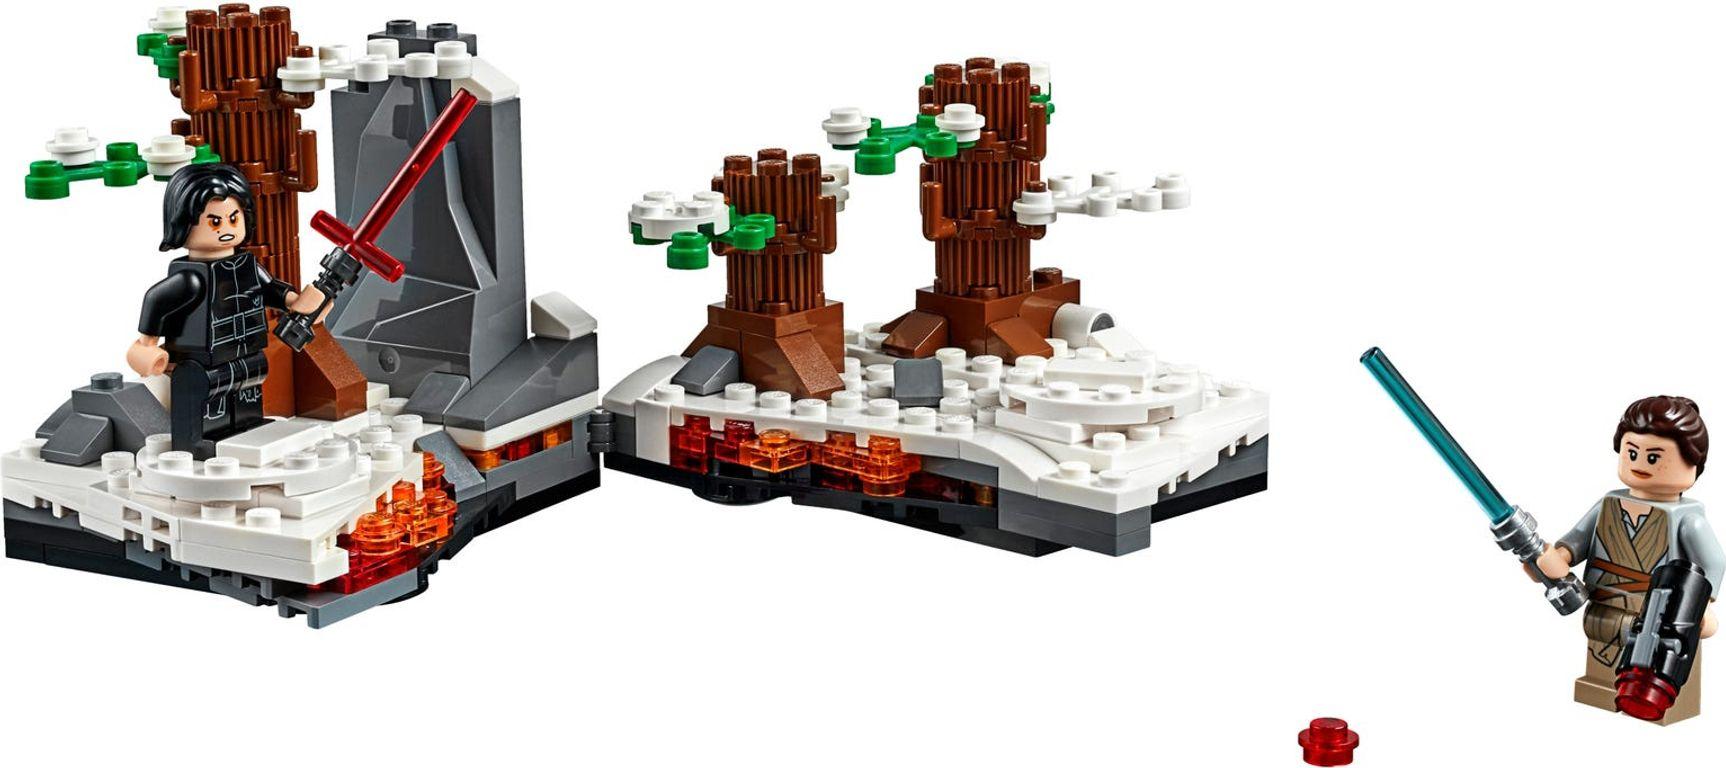 LEGO® Star Wars Duel on Starkiller Base™ components